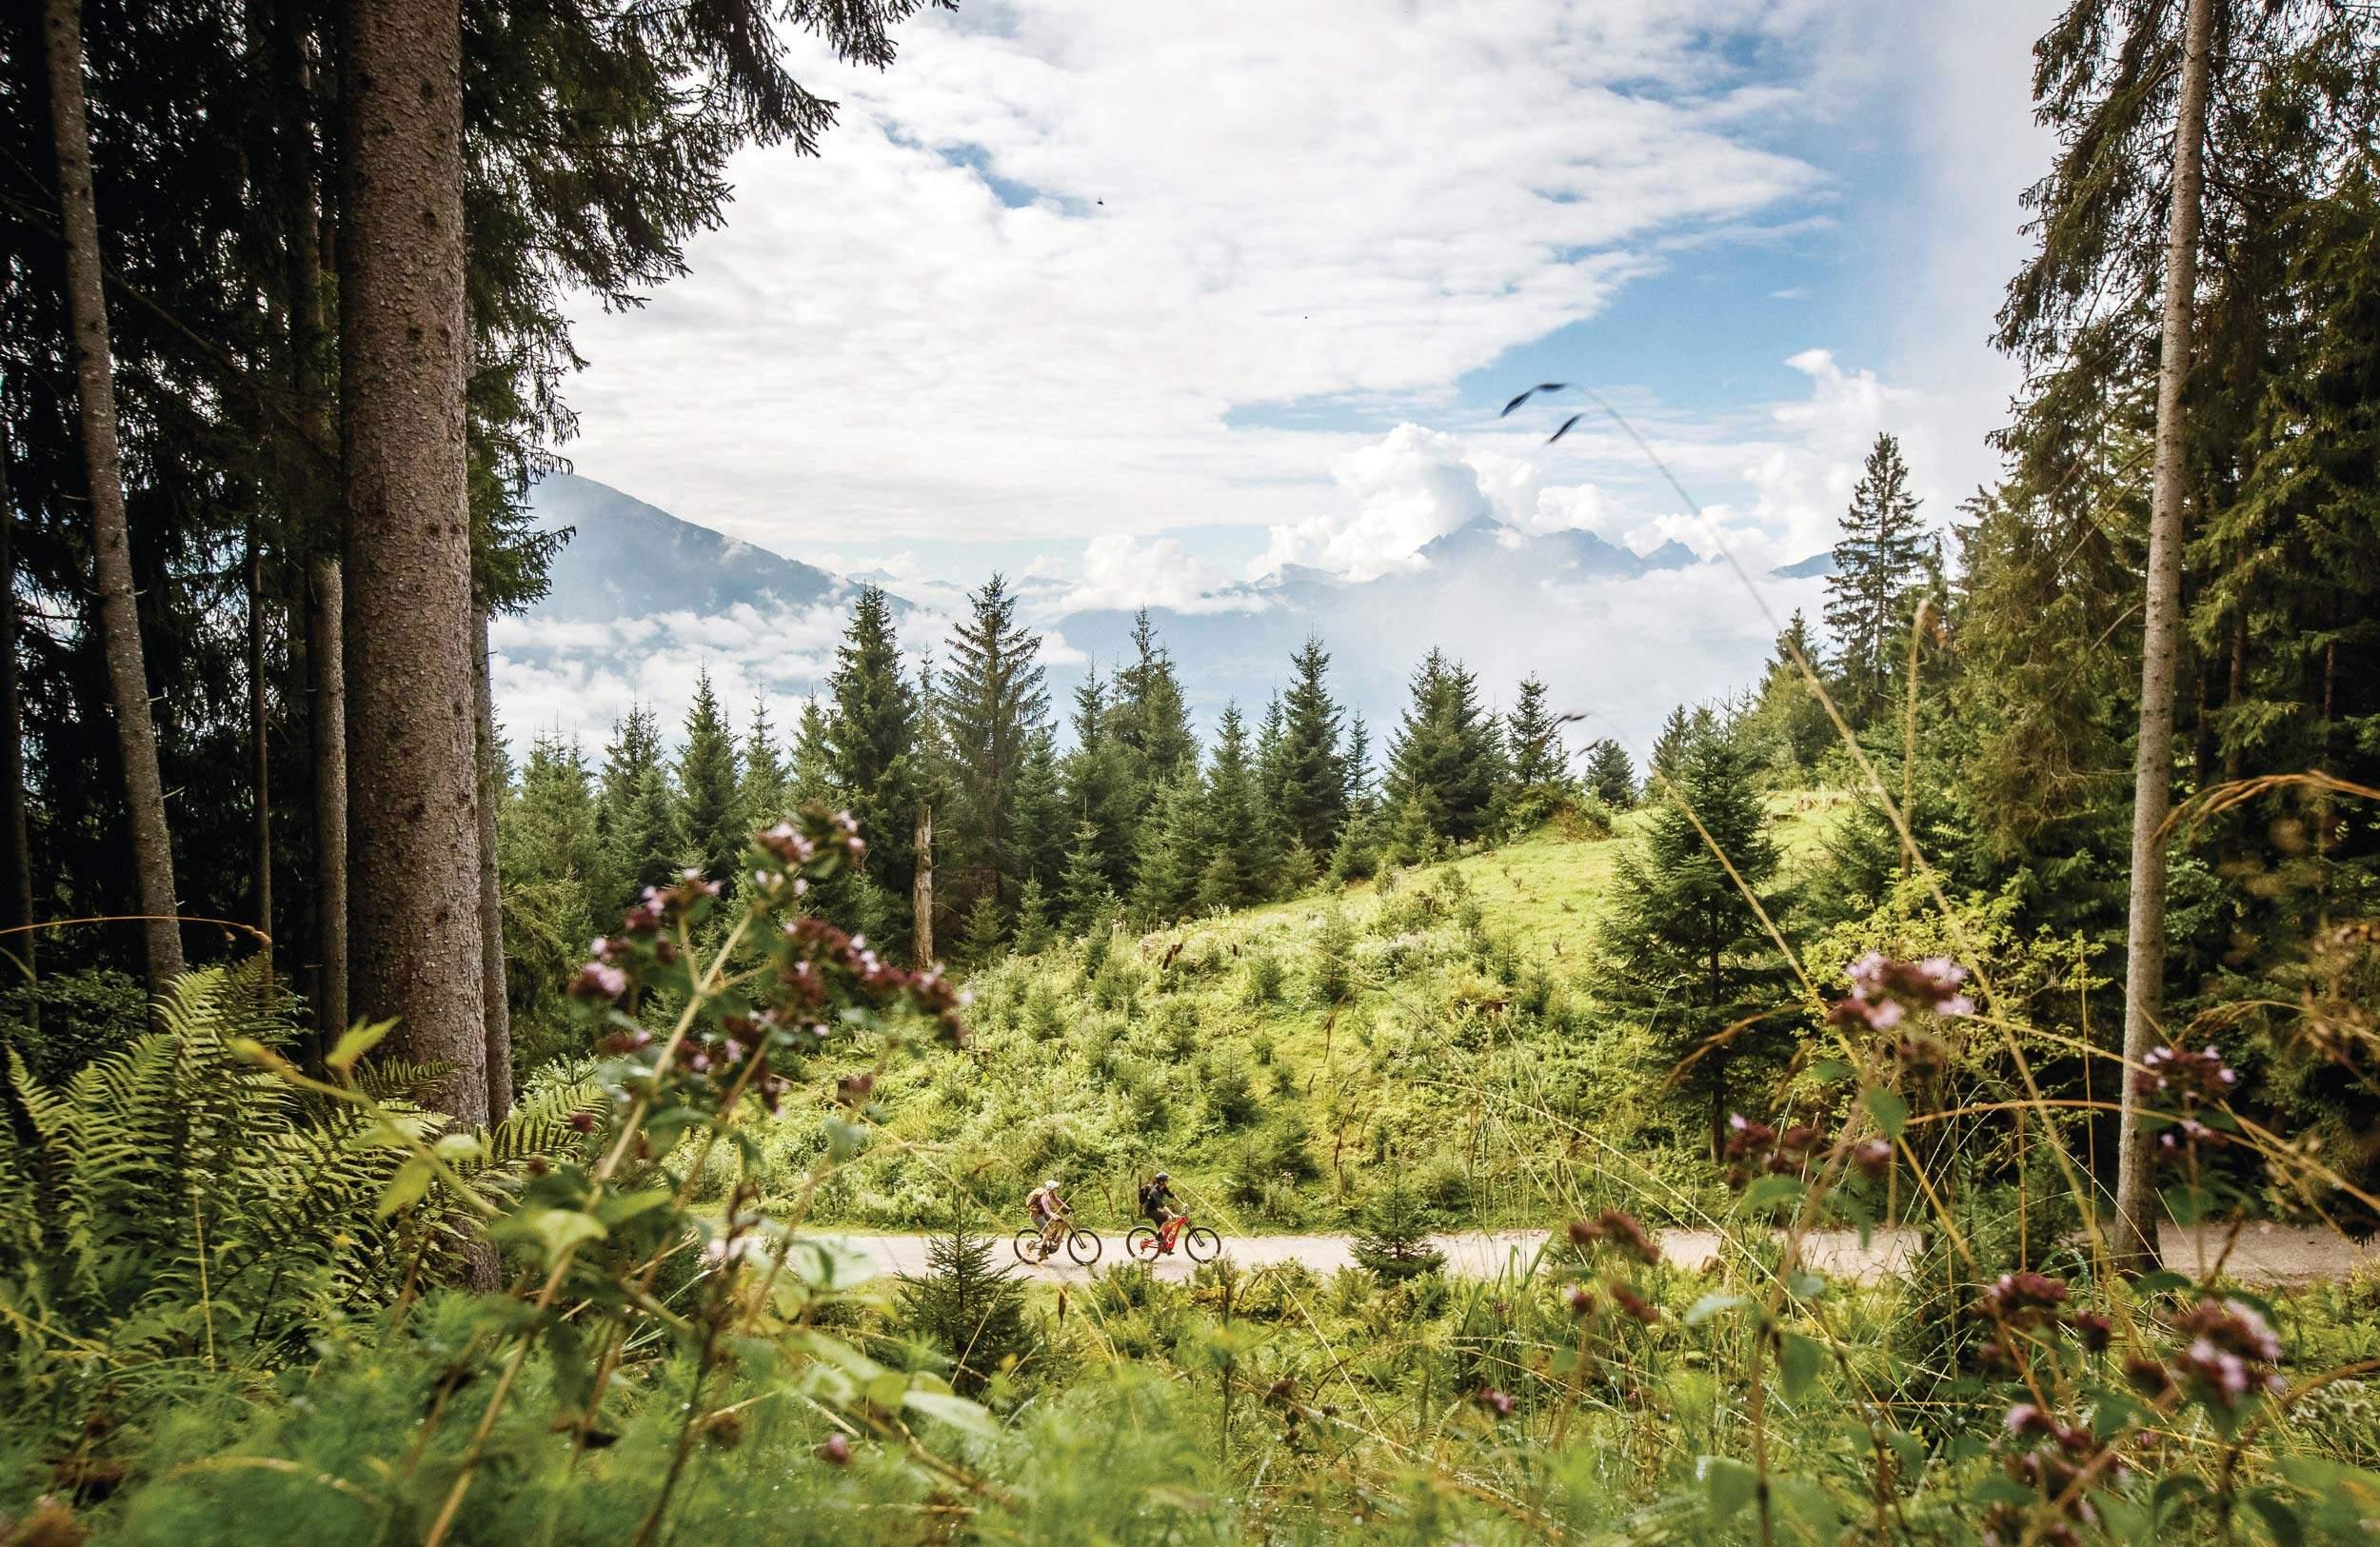 Waldspaziergang Innsbruck Tirol, Downhill, Mountainbike